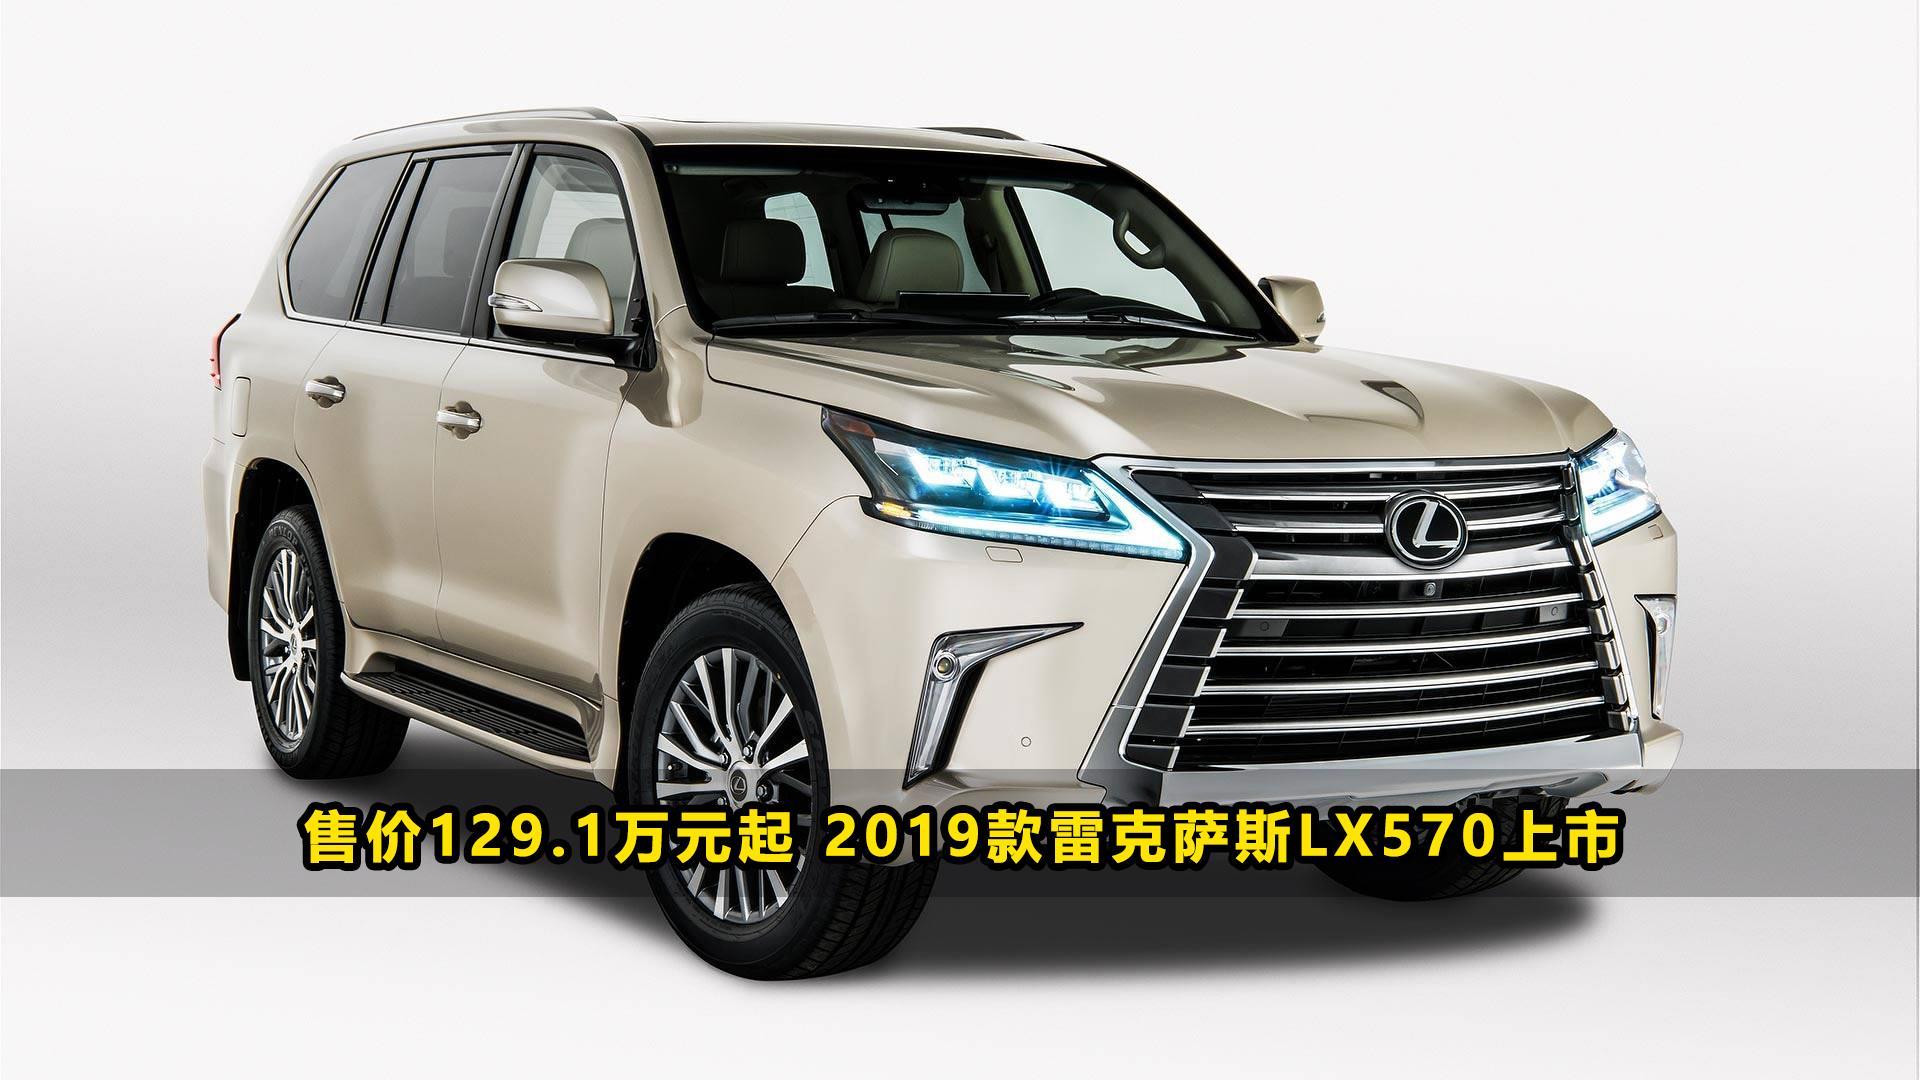 宝马2019款全新X4将于成都车展亮相并公布正式售价